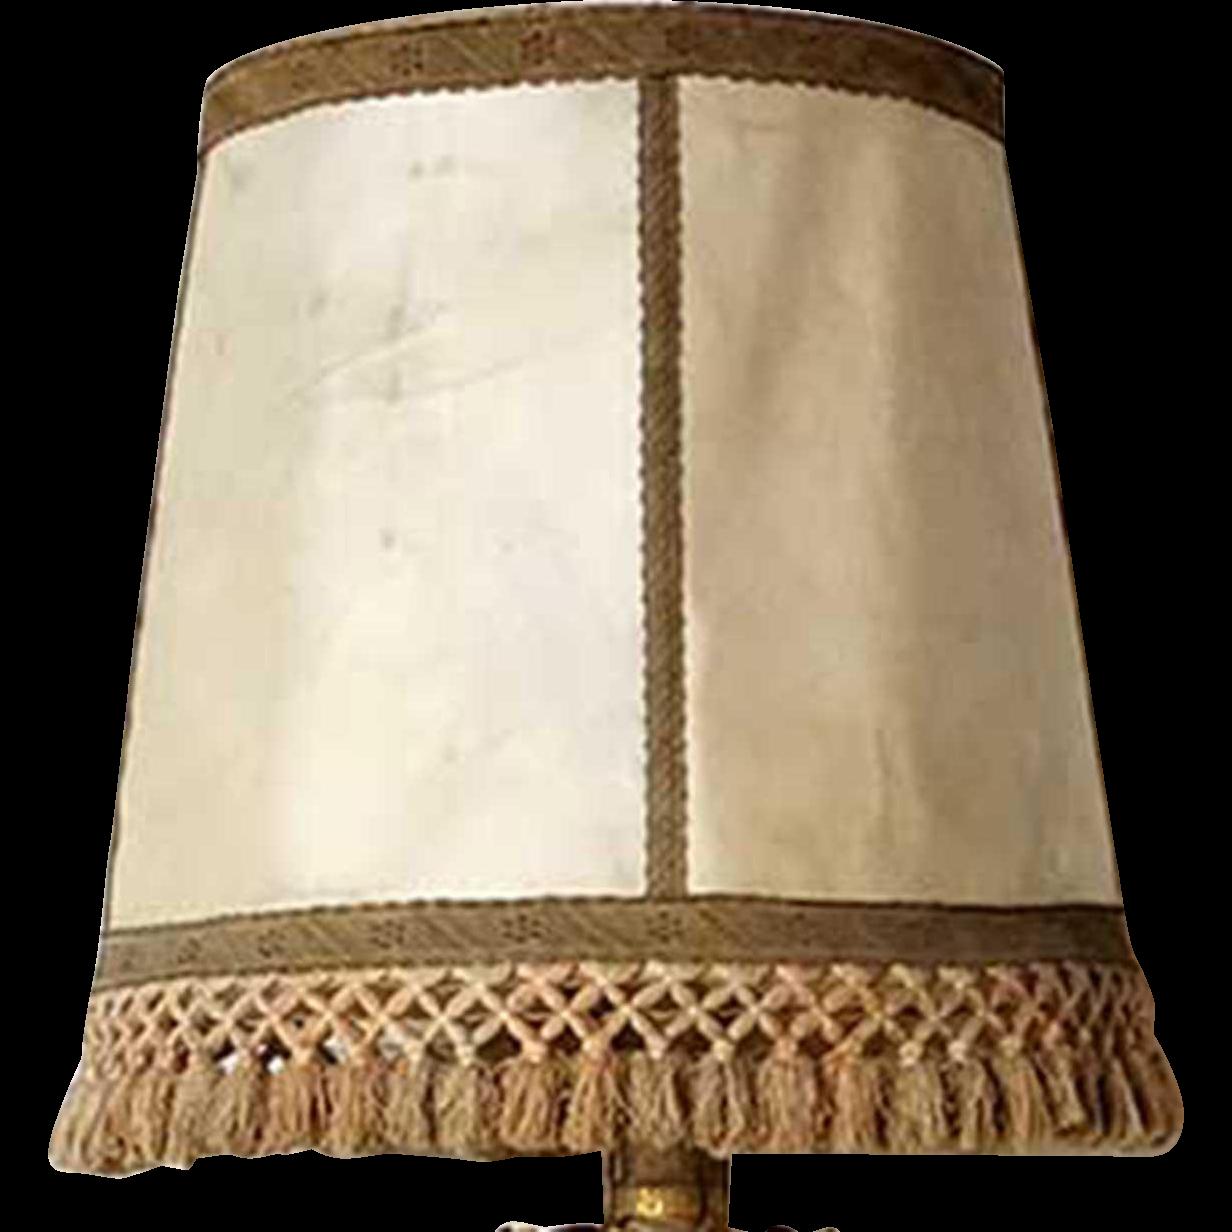 Large Spanish Raw Hide Lamp Shade with Fringe